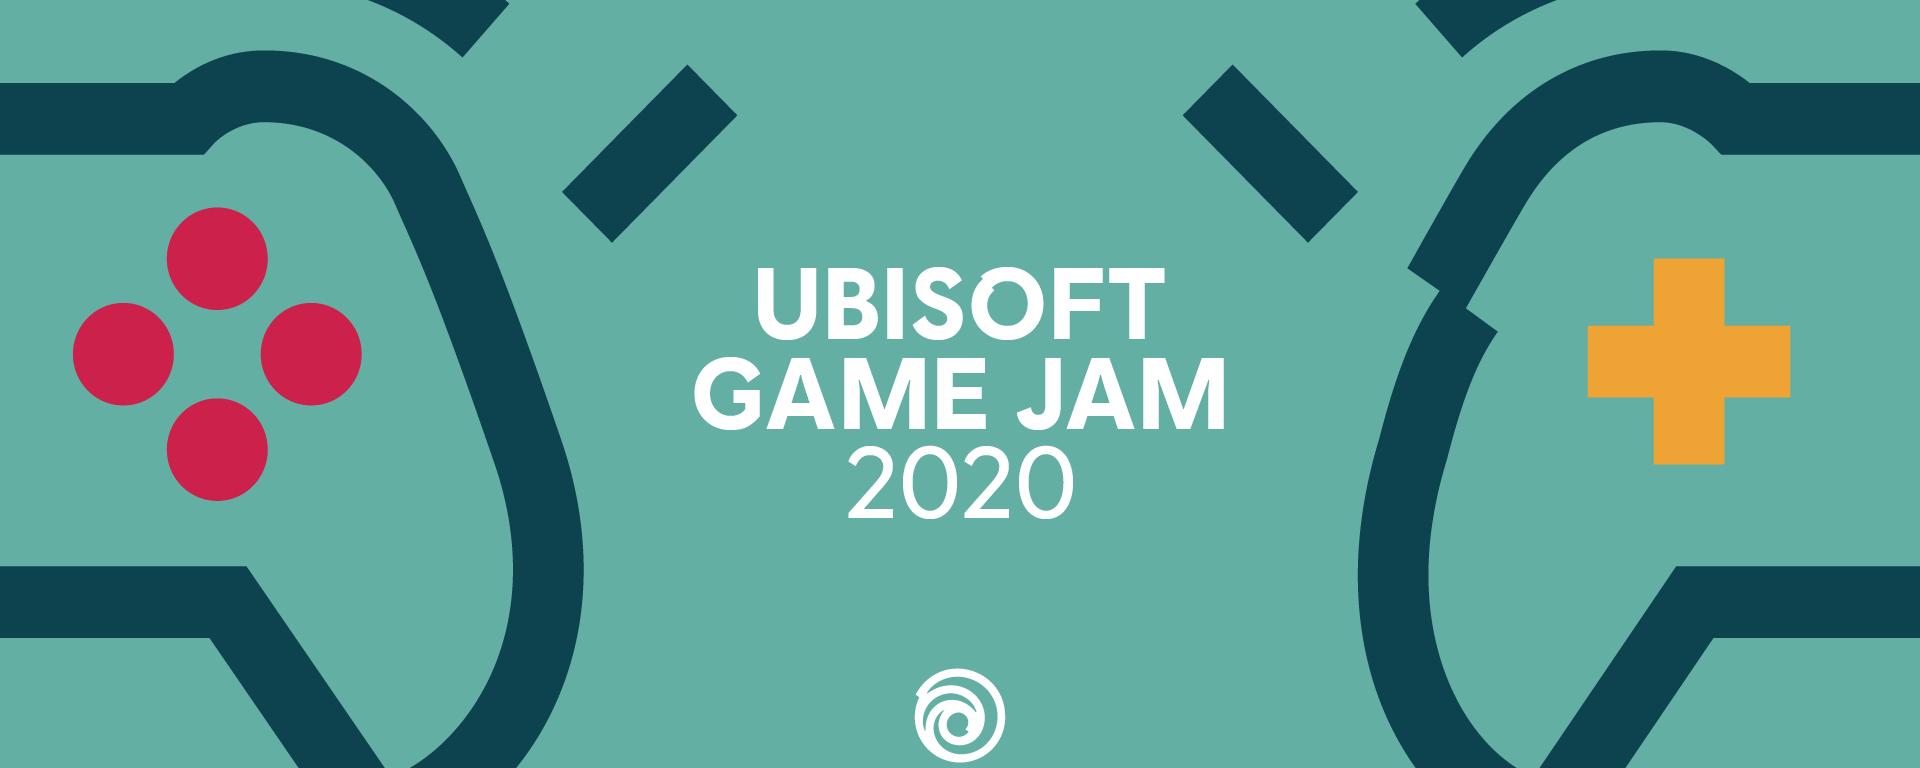 Flyer Ubisoft Game Jam 2020 Berlin